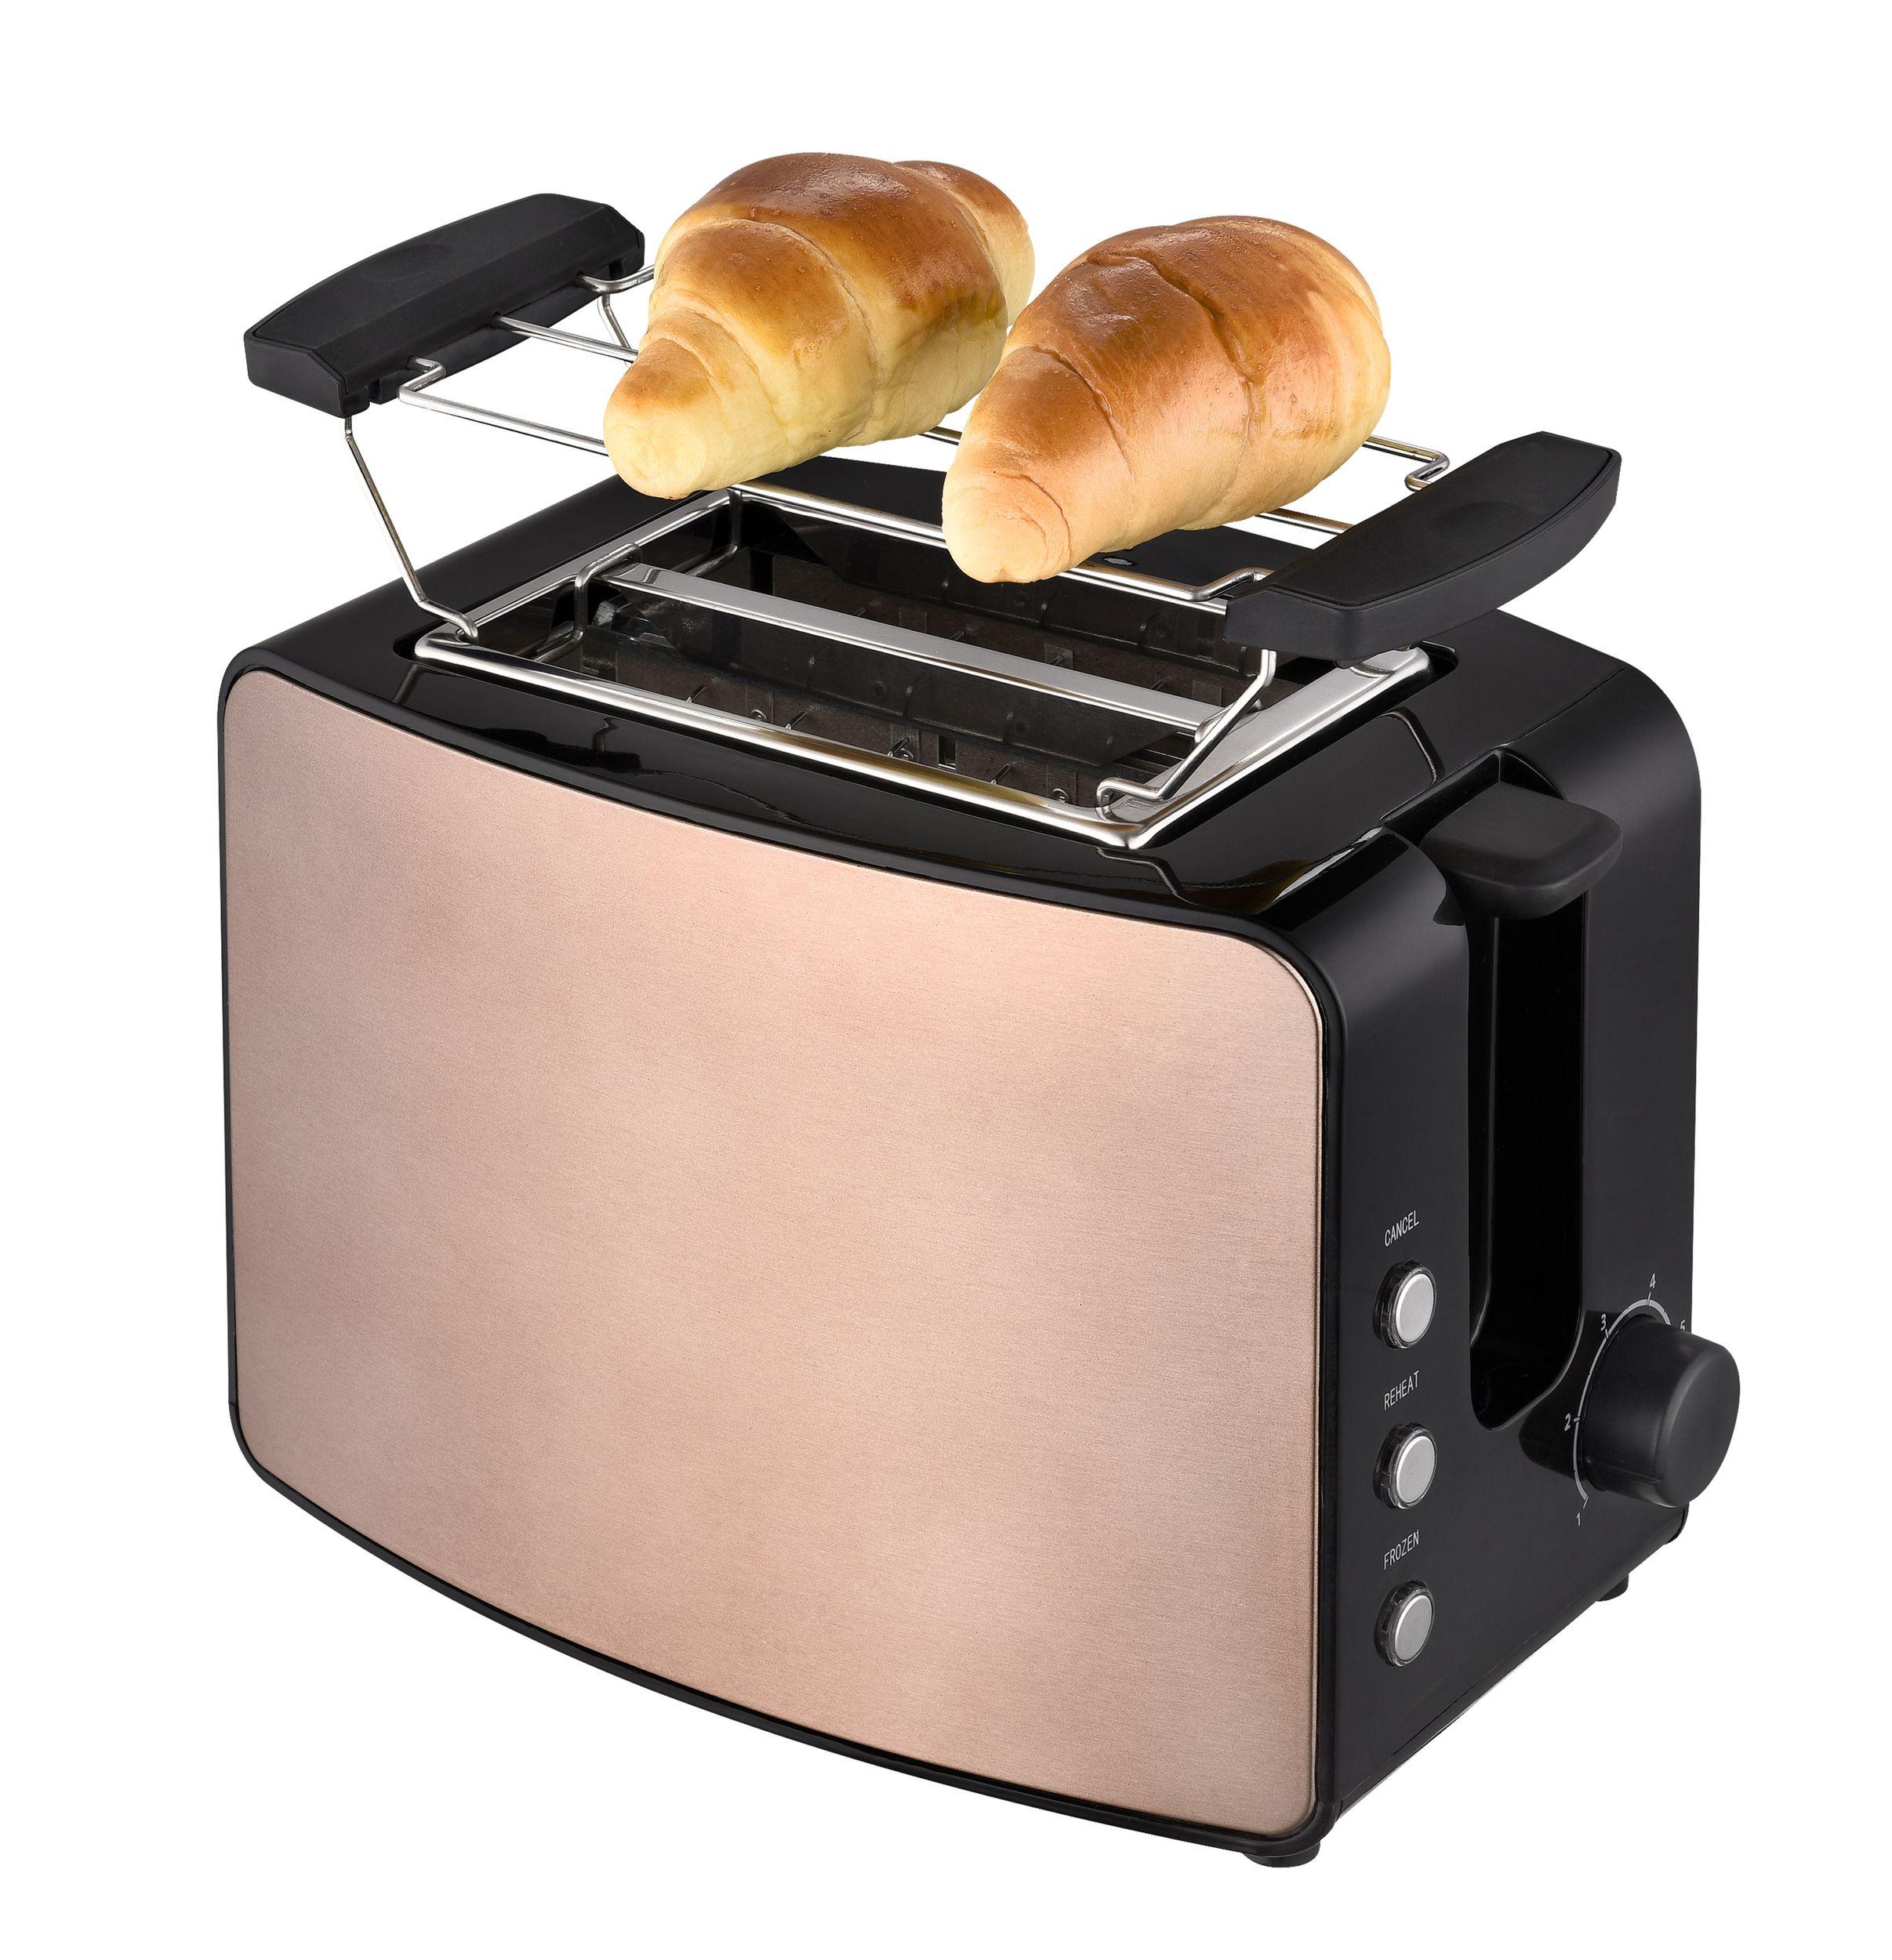 2-Scheiben Toaster Brotröster Brötchenaufsatz kupfer Havanna braun NEU OVP*73109